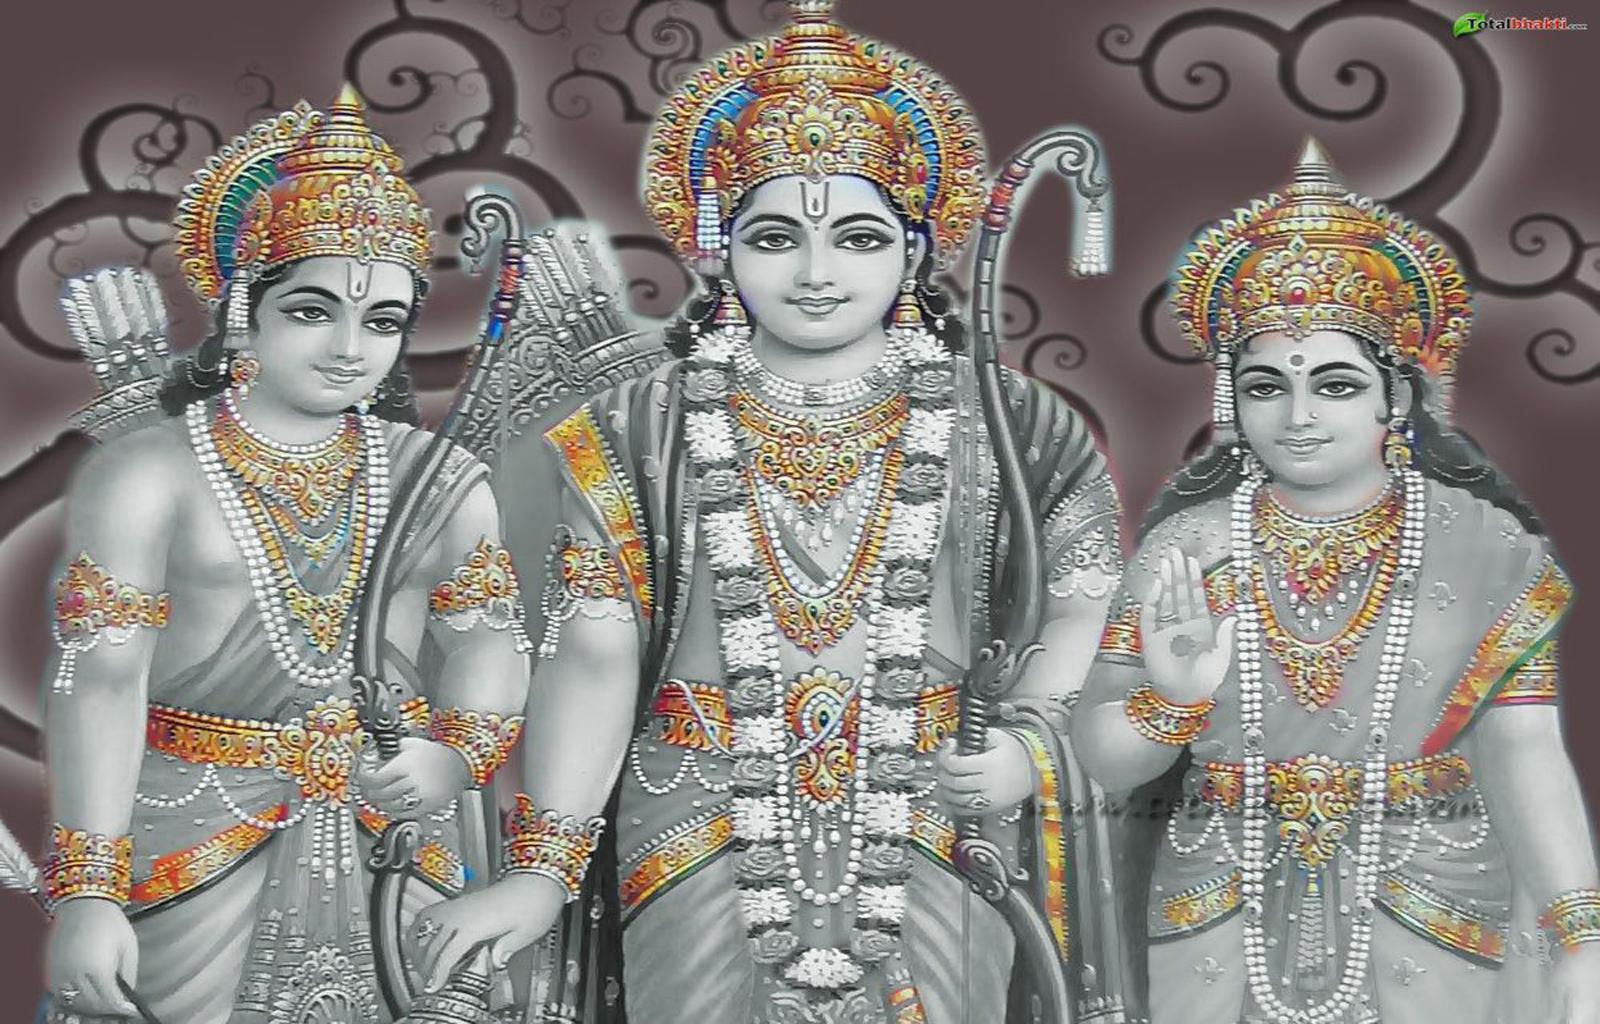 http://3.bp.blogspot.com/-IL7CCLPS1-w/Tee2kcXa39I/AAAAAAAAEGE/a9ax1-7vfUE/s1600/Lord-Ram-with-Sita-5.jpg